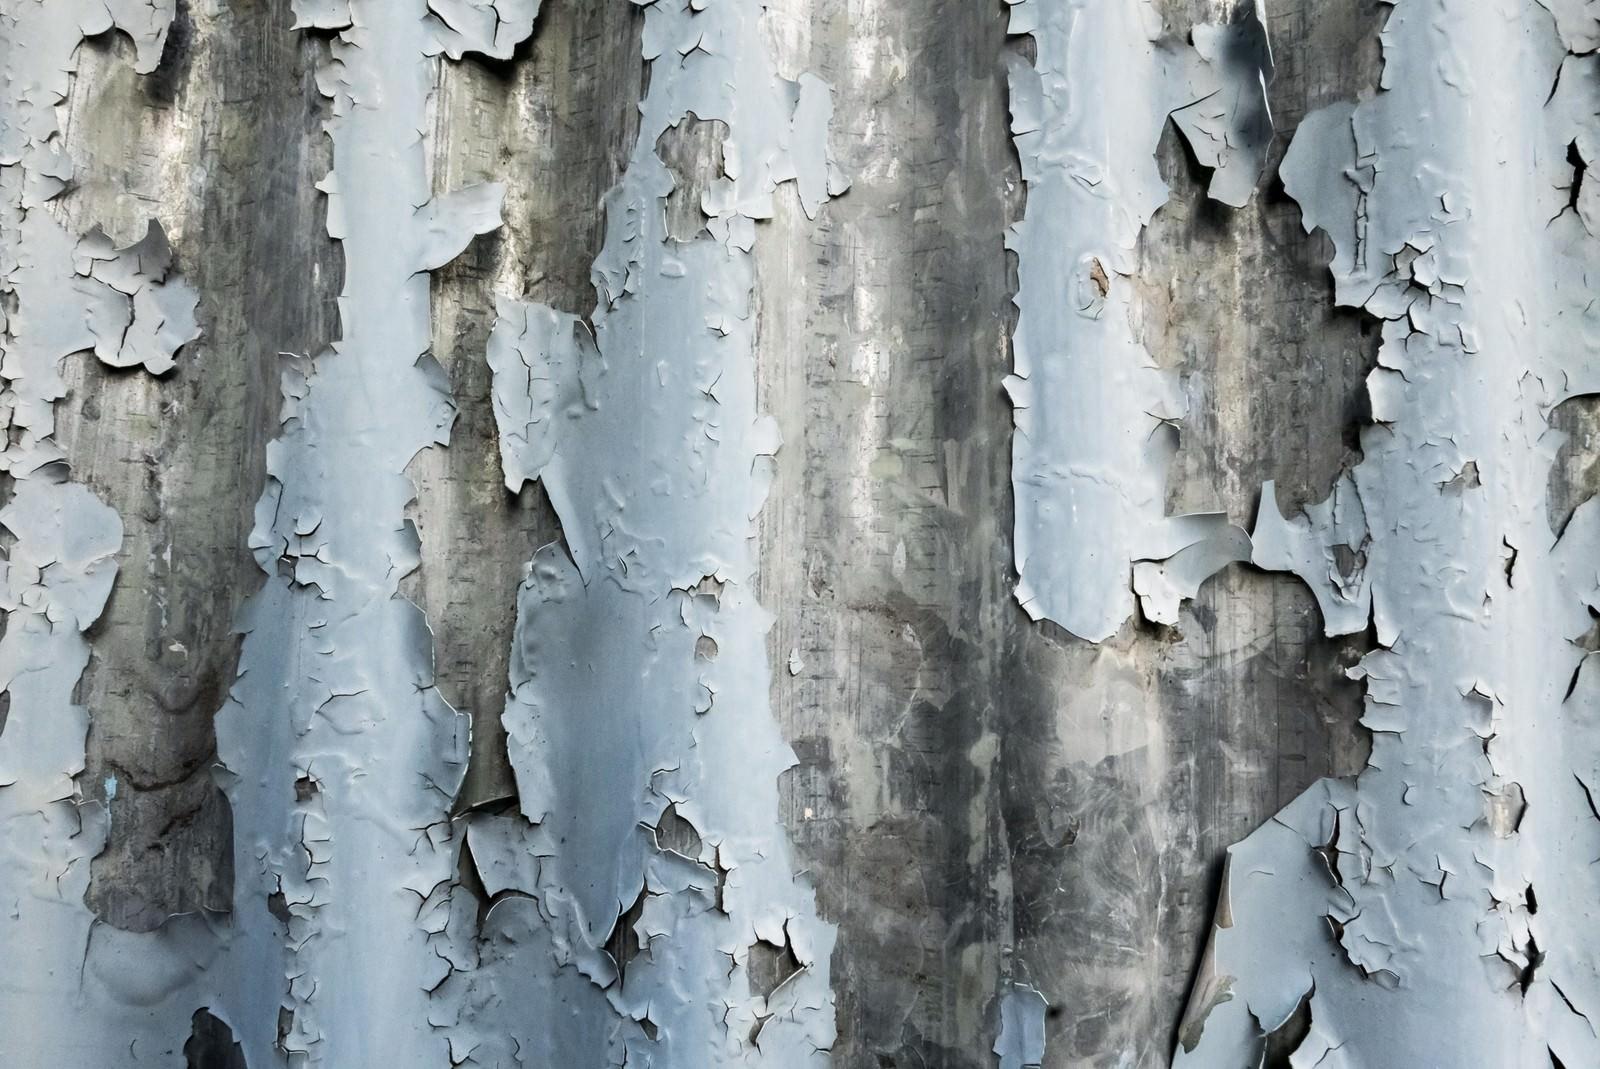 「ボロボロのトタン壁(テクスチャー)」の写真